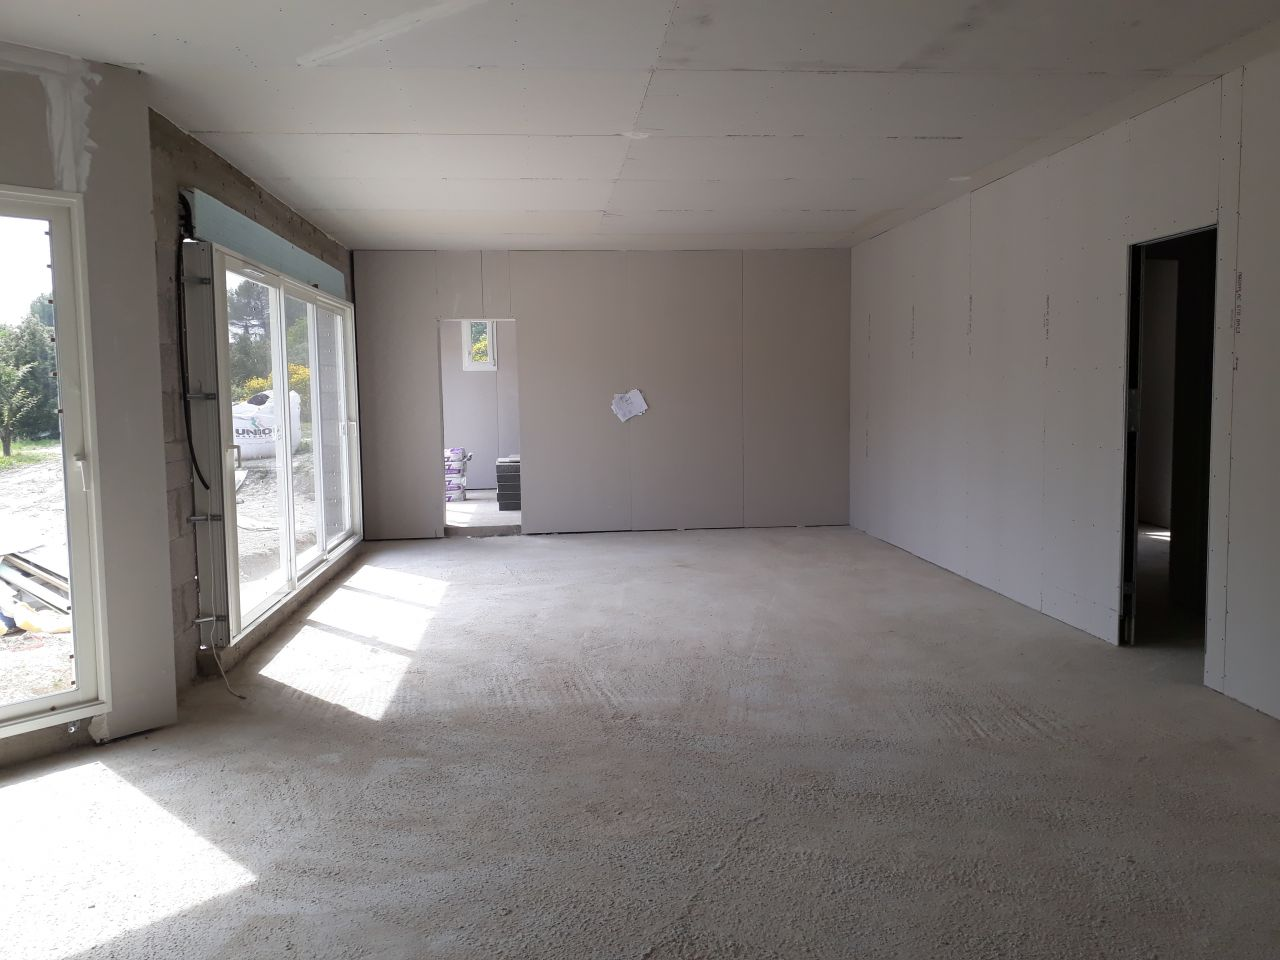 vue de la pièce à vivre, isolation des murs extérieur non terminée autour de la baie. Car lors de la livraison le rail a été endommagé.